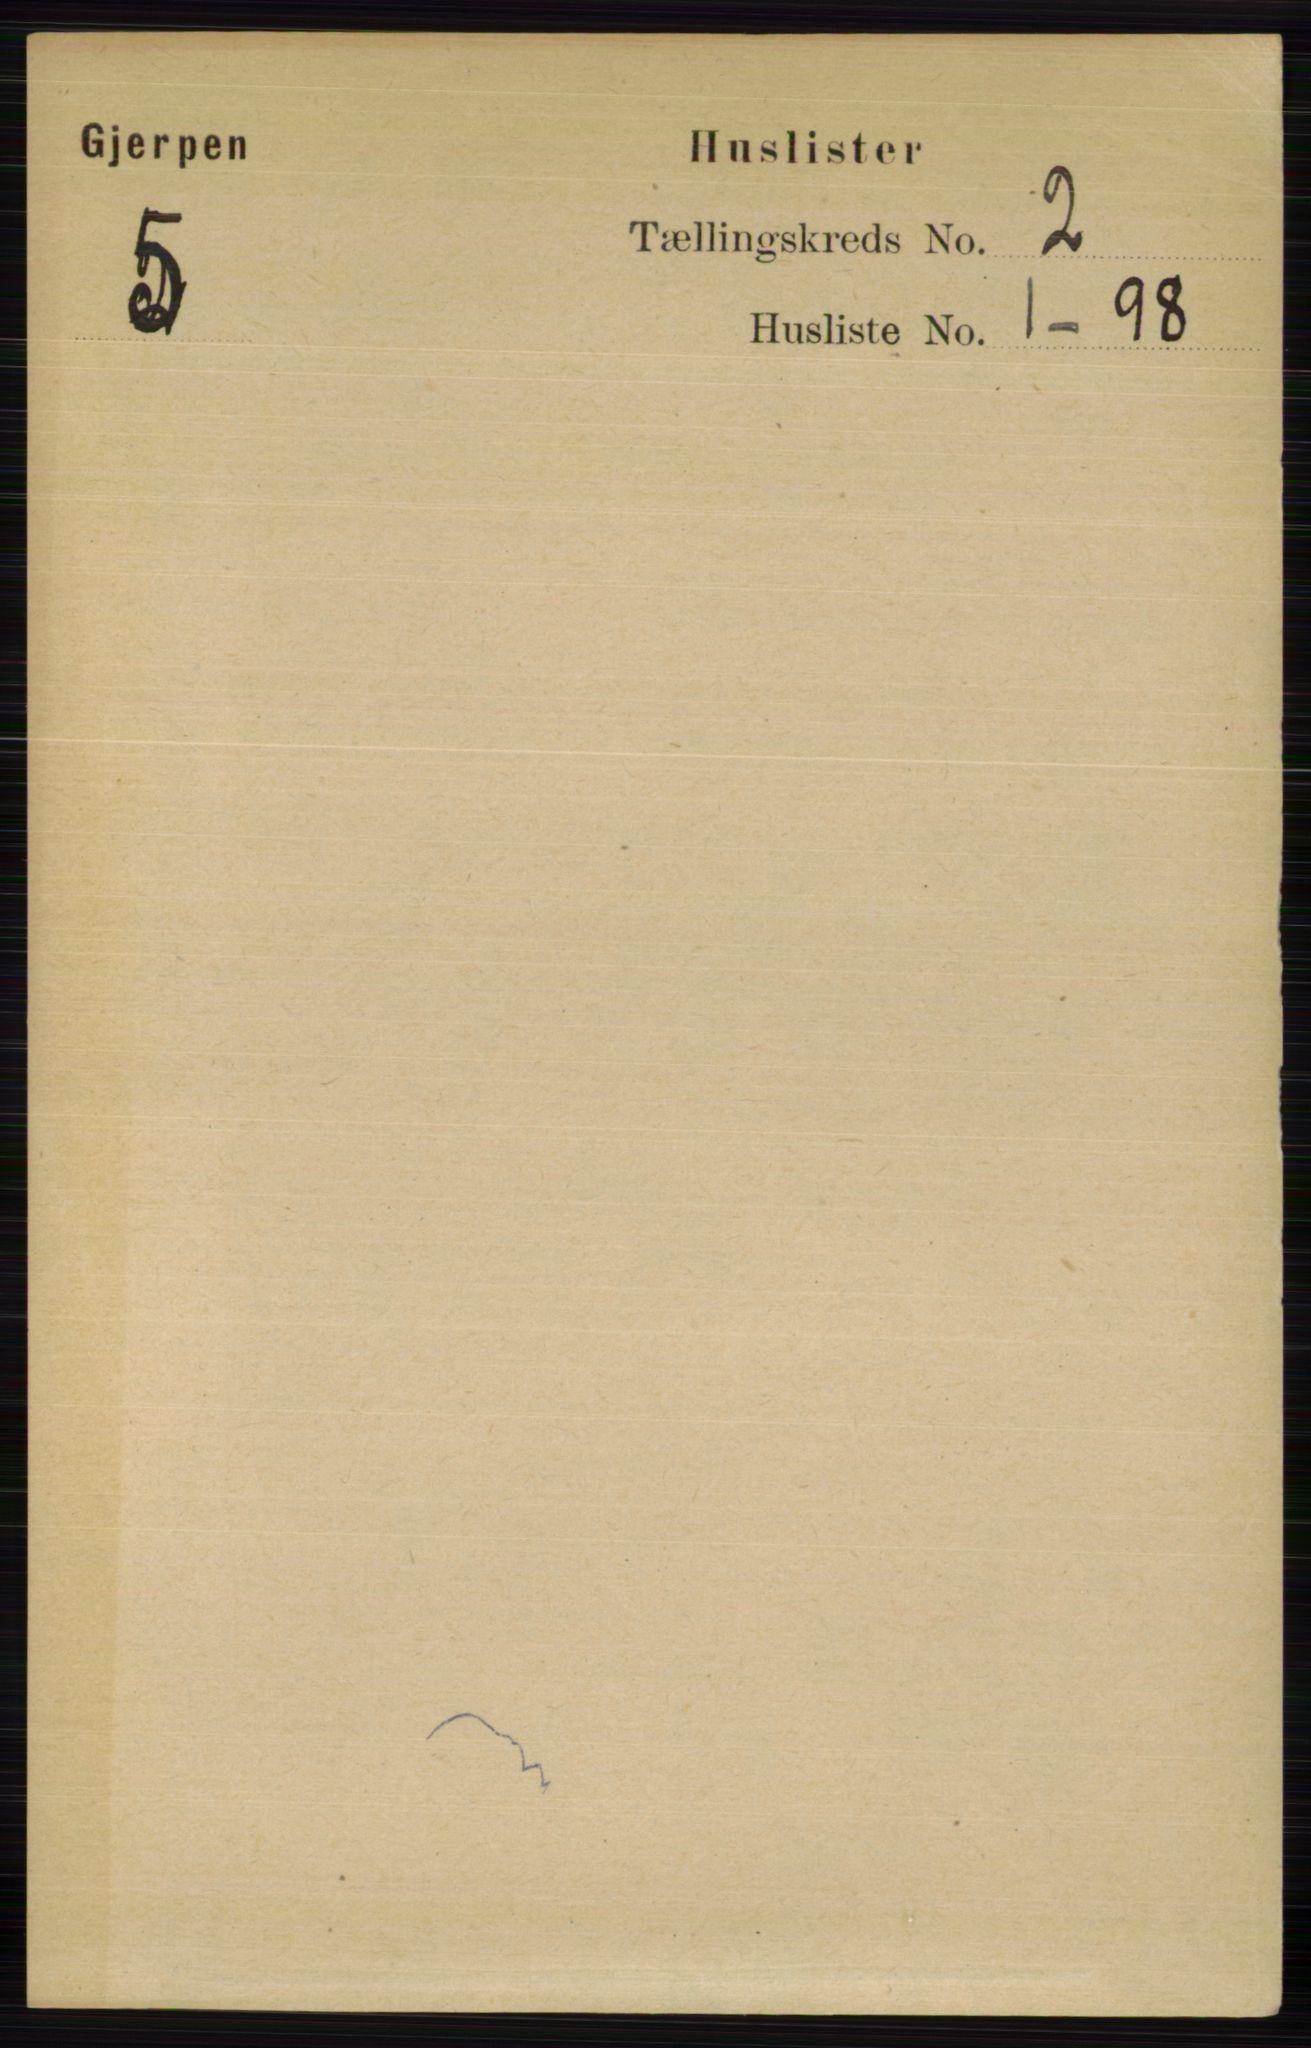 RA, Folketelling 1891 for 0812 Gjerpen herred, 1891, s. 646